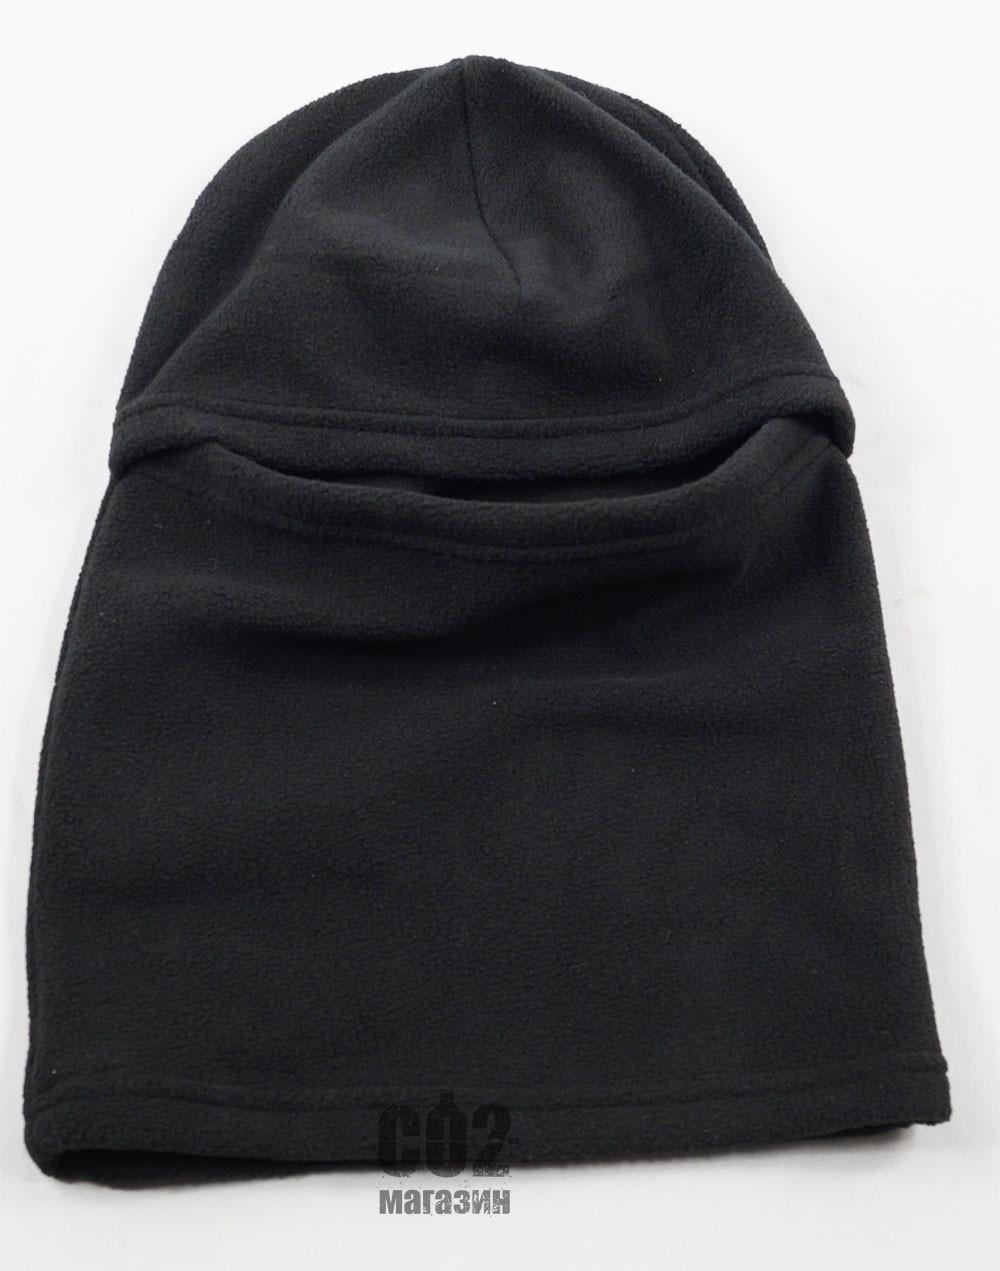 Шапка Феска (Балаклава) черная флис - СО2 магазин в Харькове 578ba7846e38b